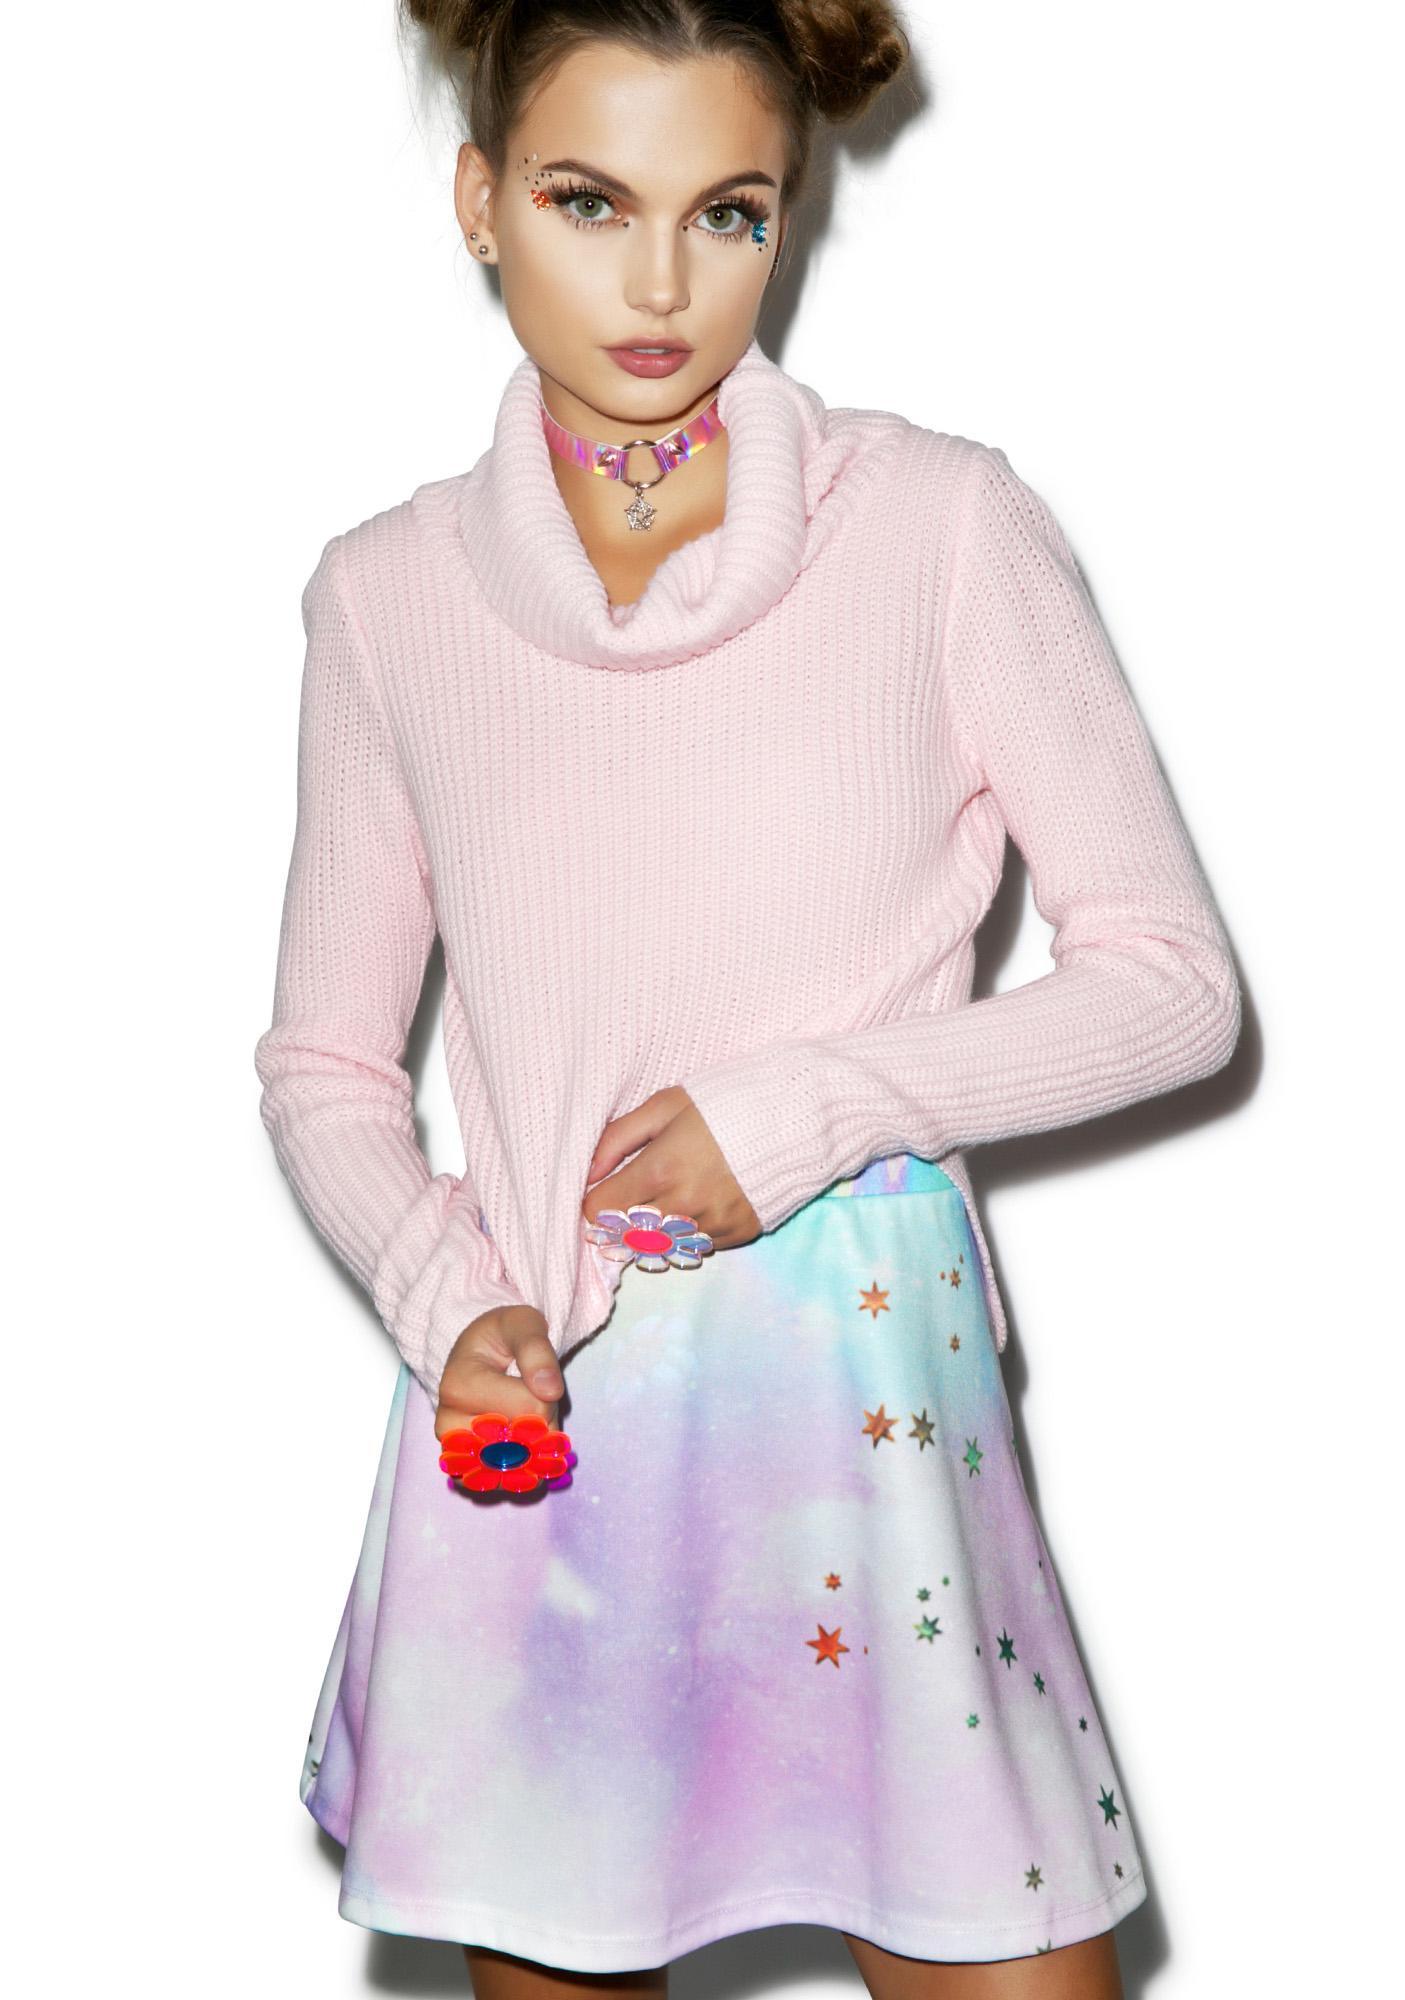 Star Struck Skirt